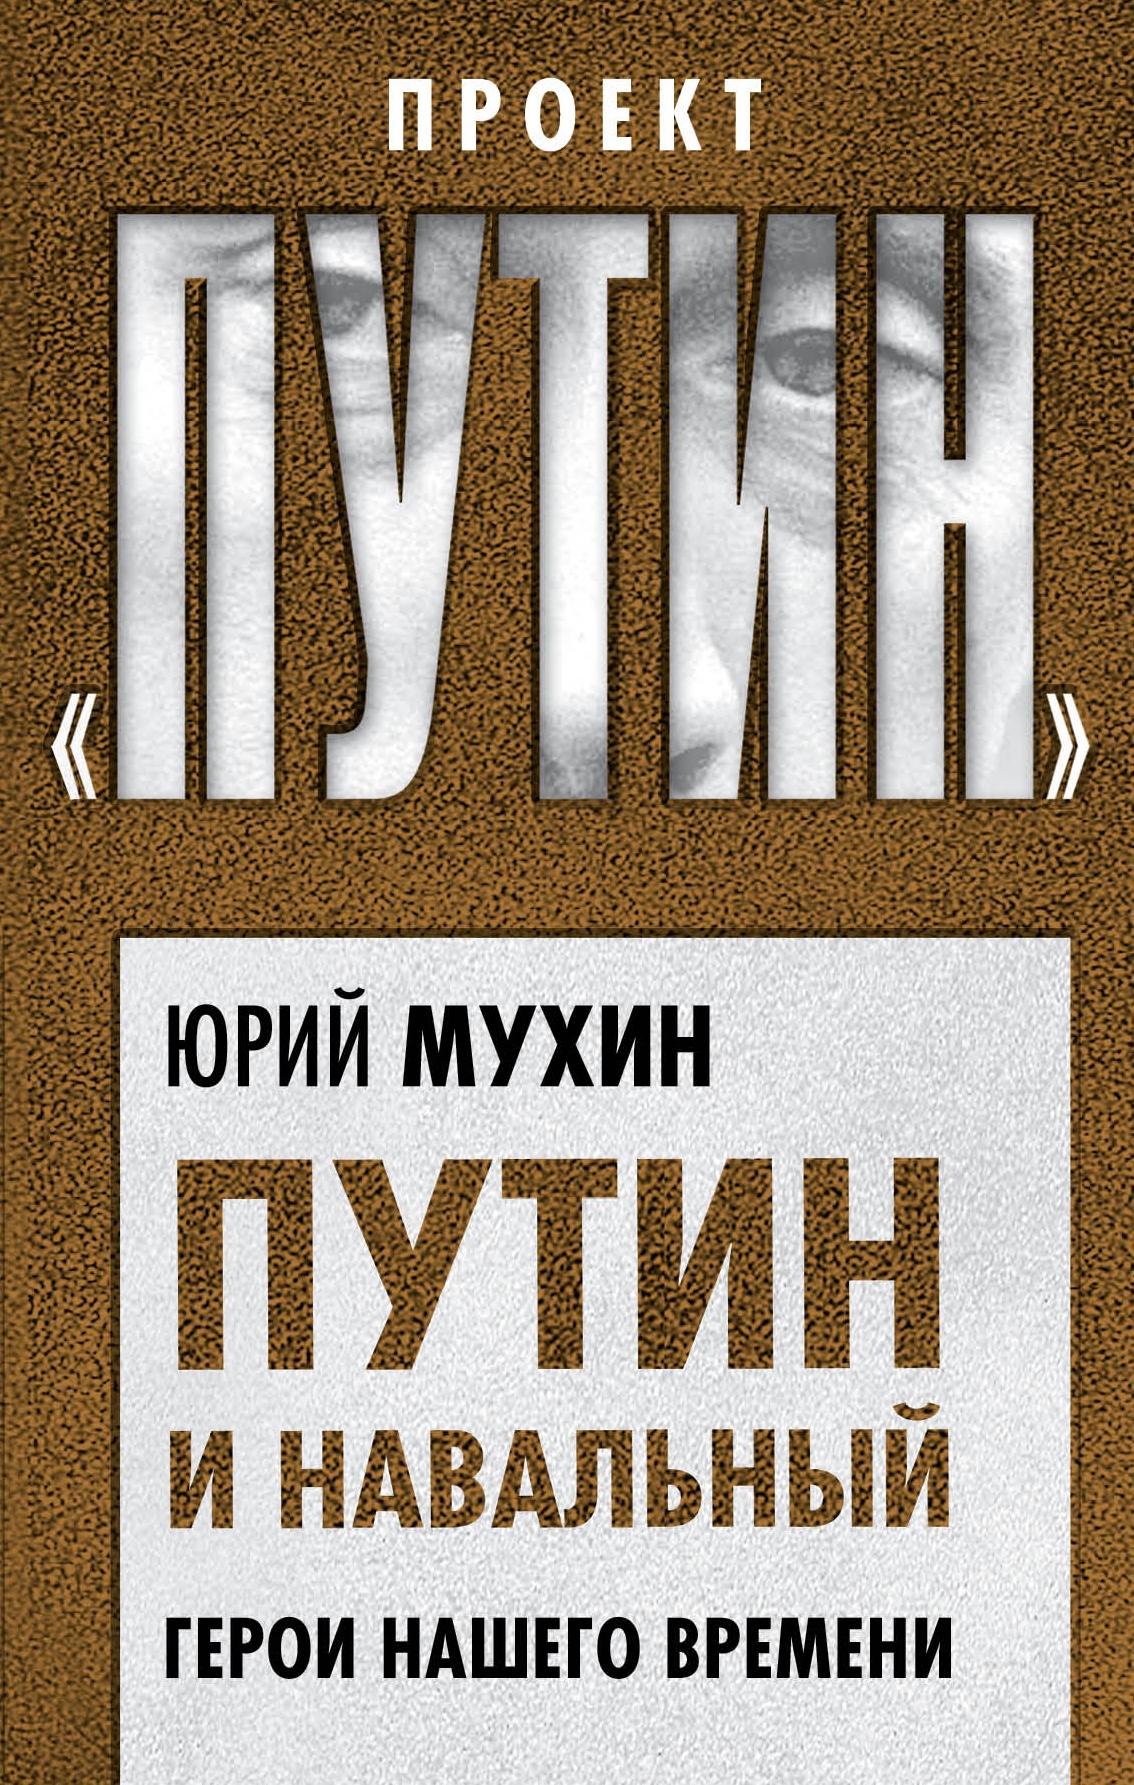 putin i navalnyy geroi nashego vremeni